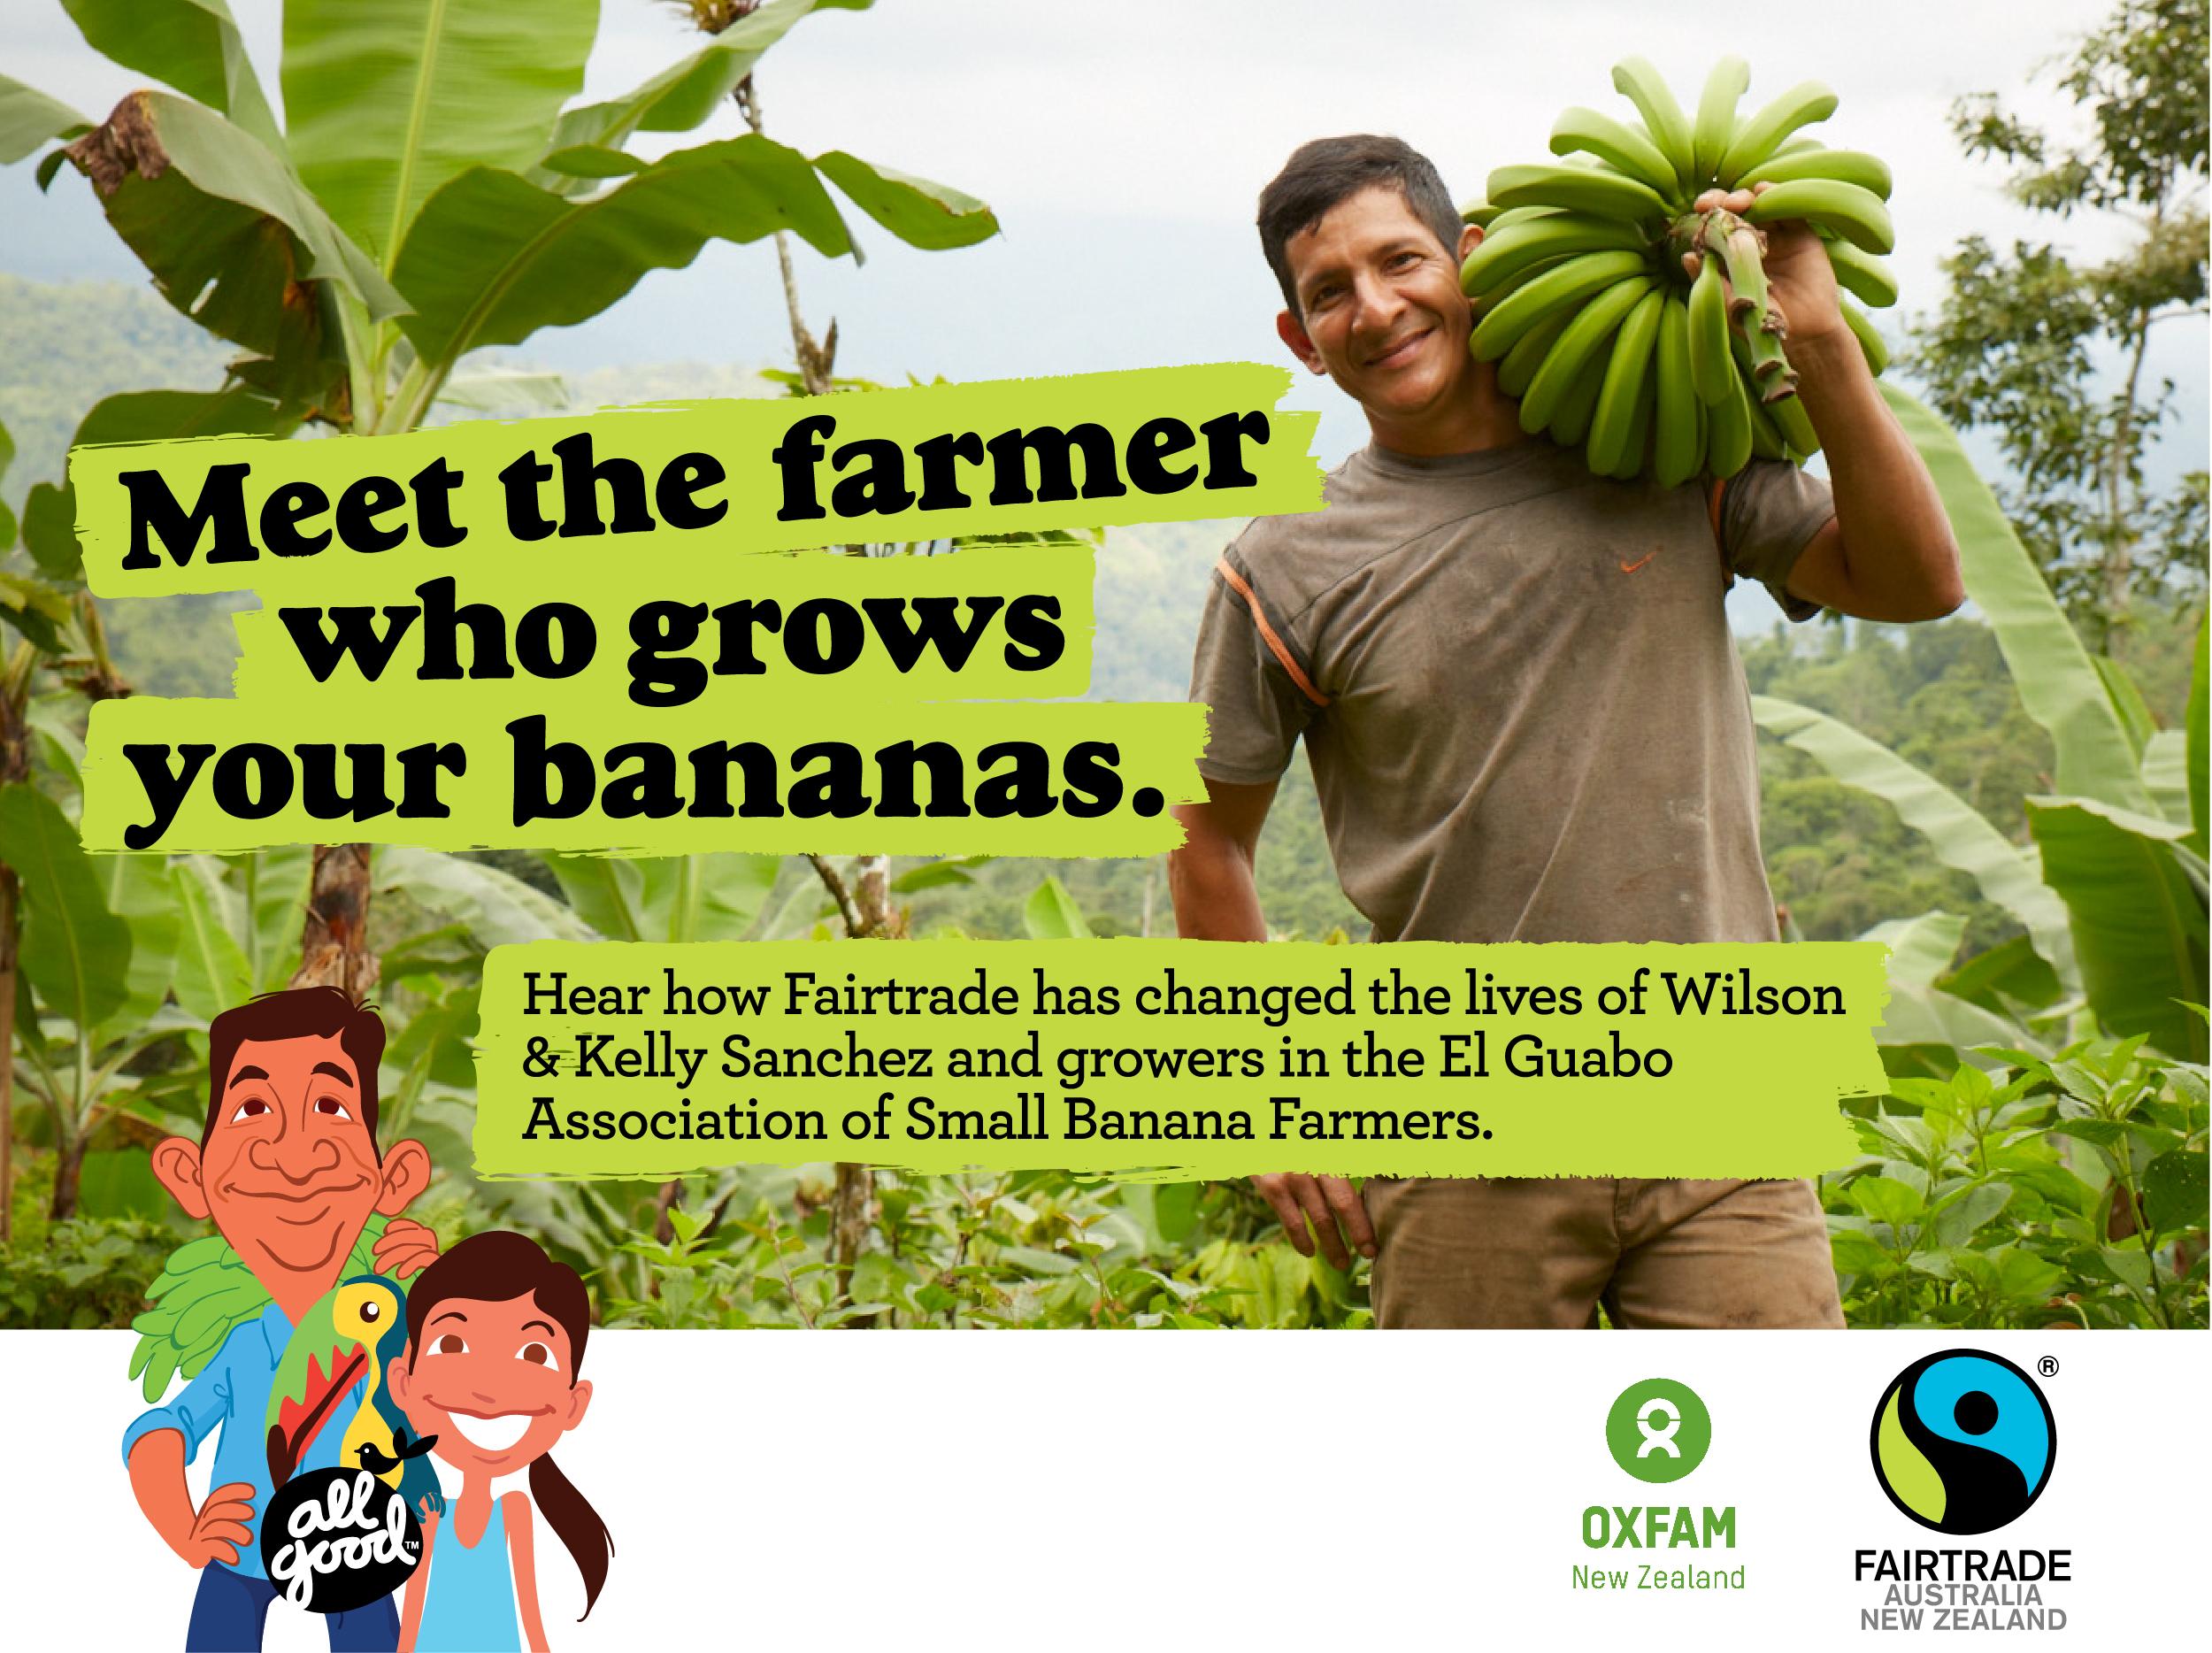 MAILCHIMP_Fairtrade_Banana_Farmer_Tour_AKL_WGN_01.jpg